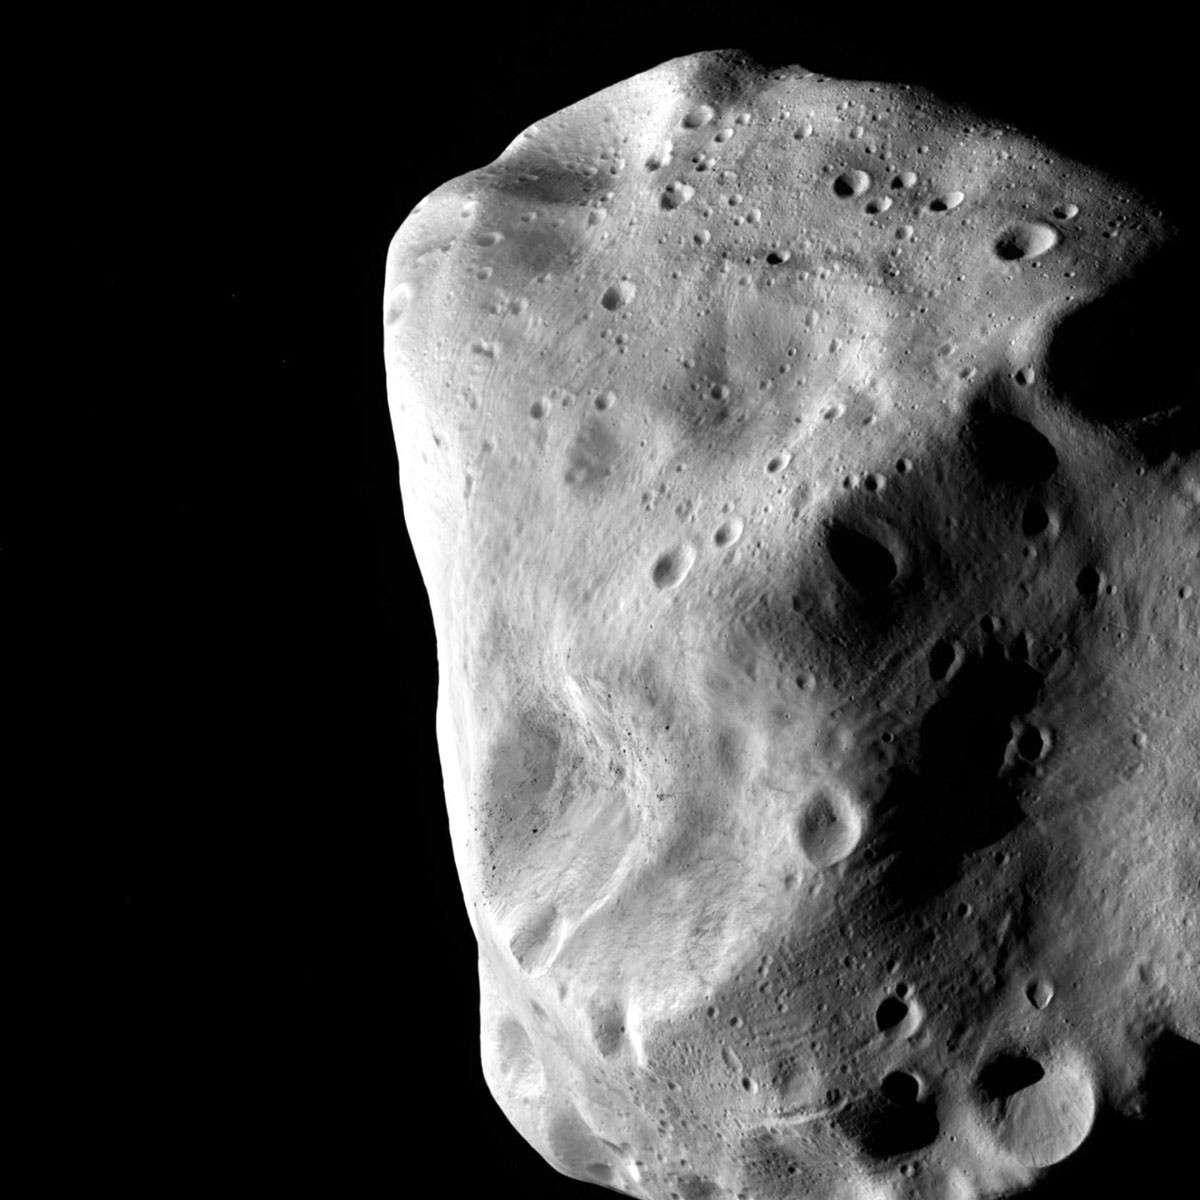 La densité de cratères et l'épaisseur du régolite à la surface de l'astéroïde Lutetia confirment qu'il s'agit bien d'un vestige du Système solaire. © Esa